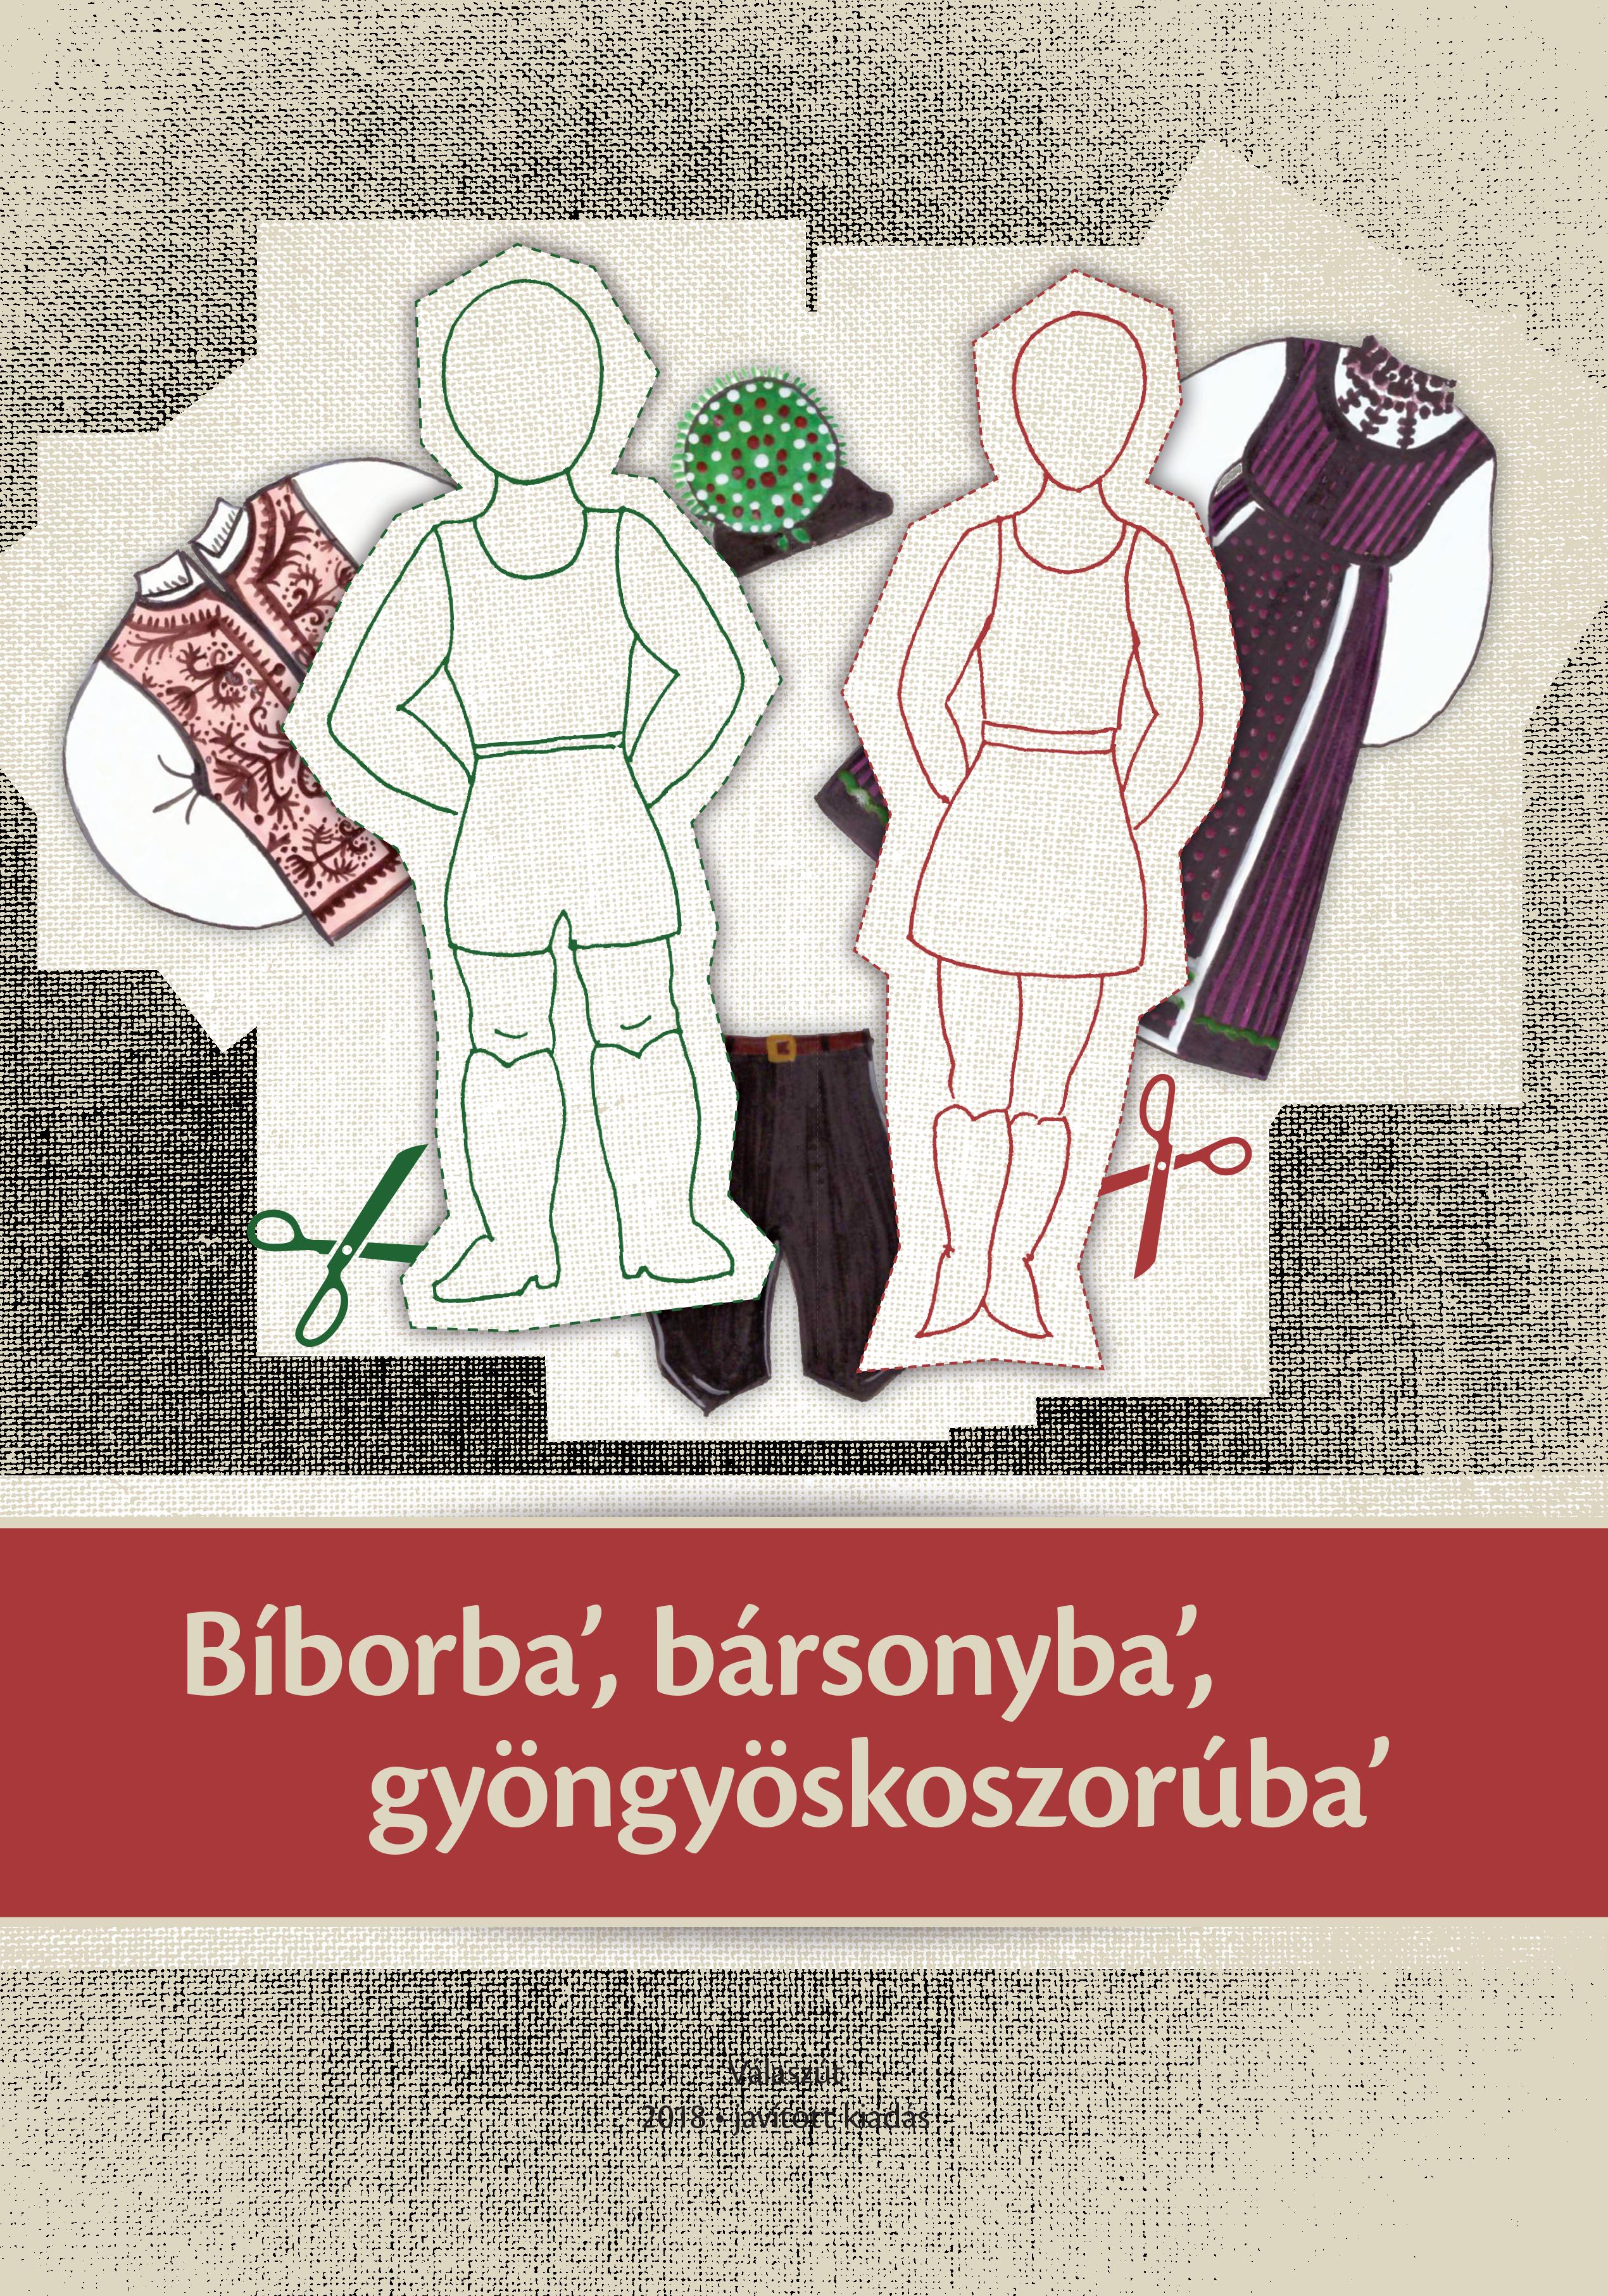 Mogyorósi Ágnes – Sántha Emőke: Bíborba', bársonyba', gyöngyöskoszorúba' (2016)